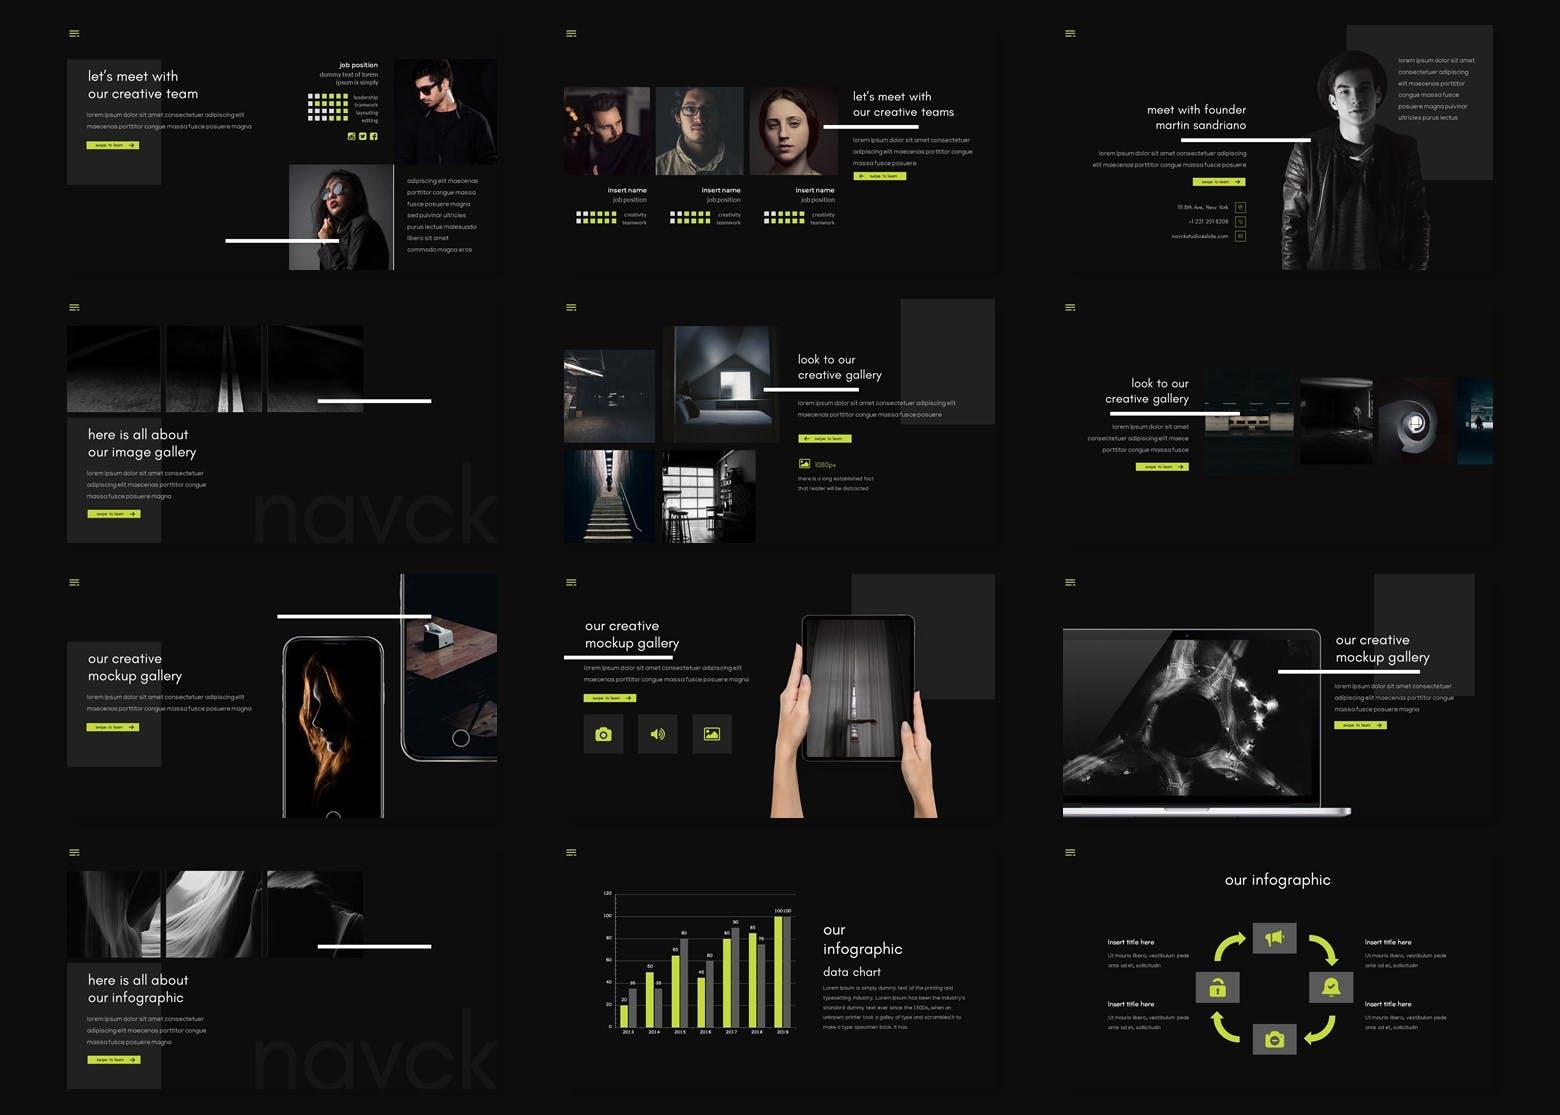 酷炫的深色产品介绍PPT模板下载[PPTX] navck-powerpoint-template-9UZG24L